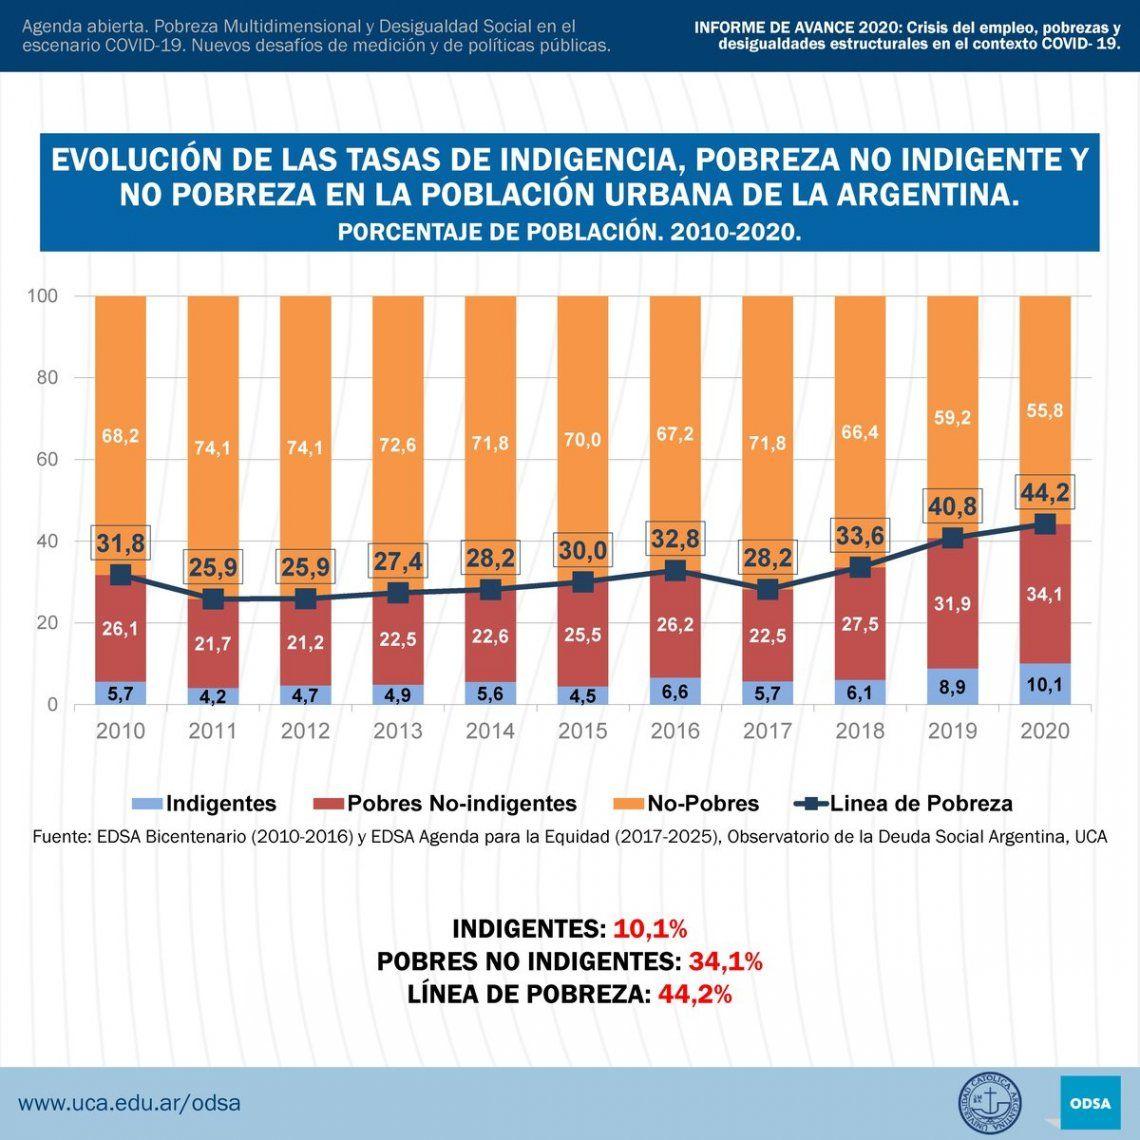 Pobreza e indigencia en el informe de la UCA